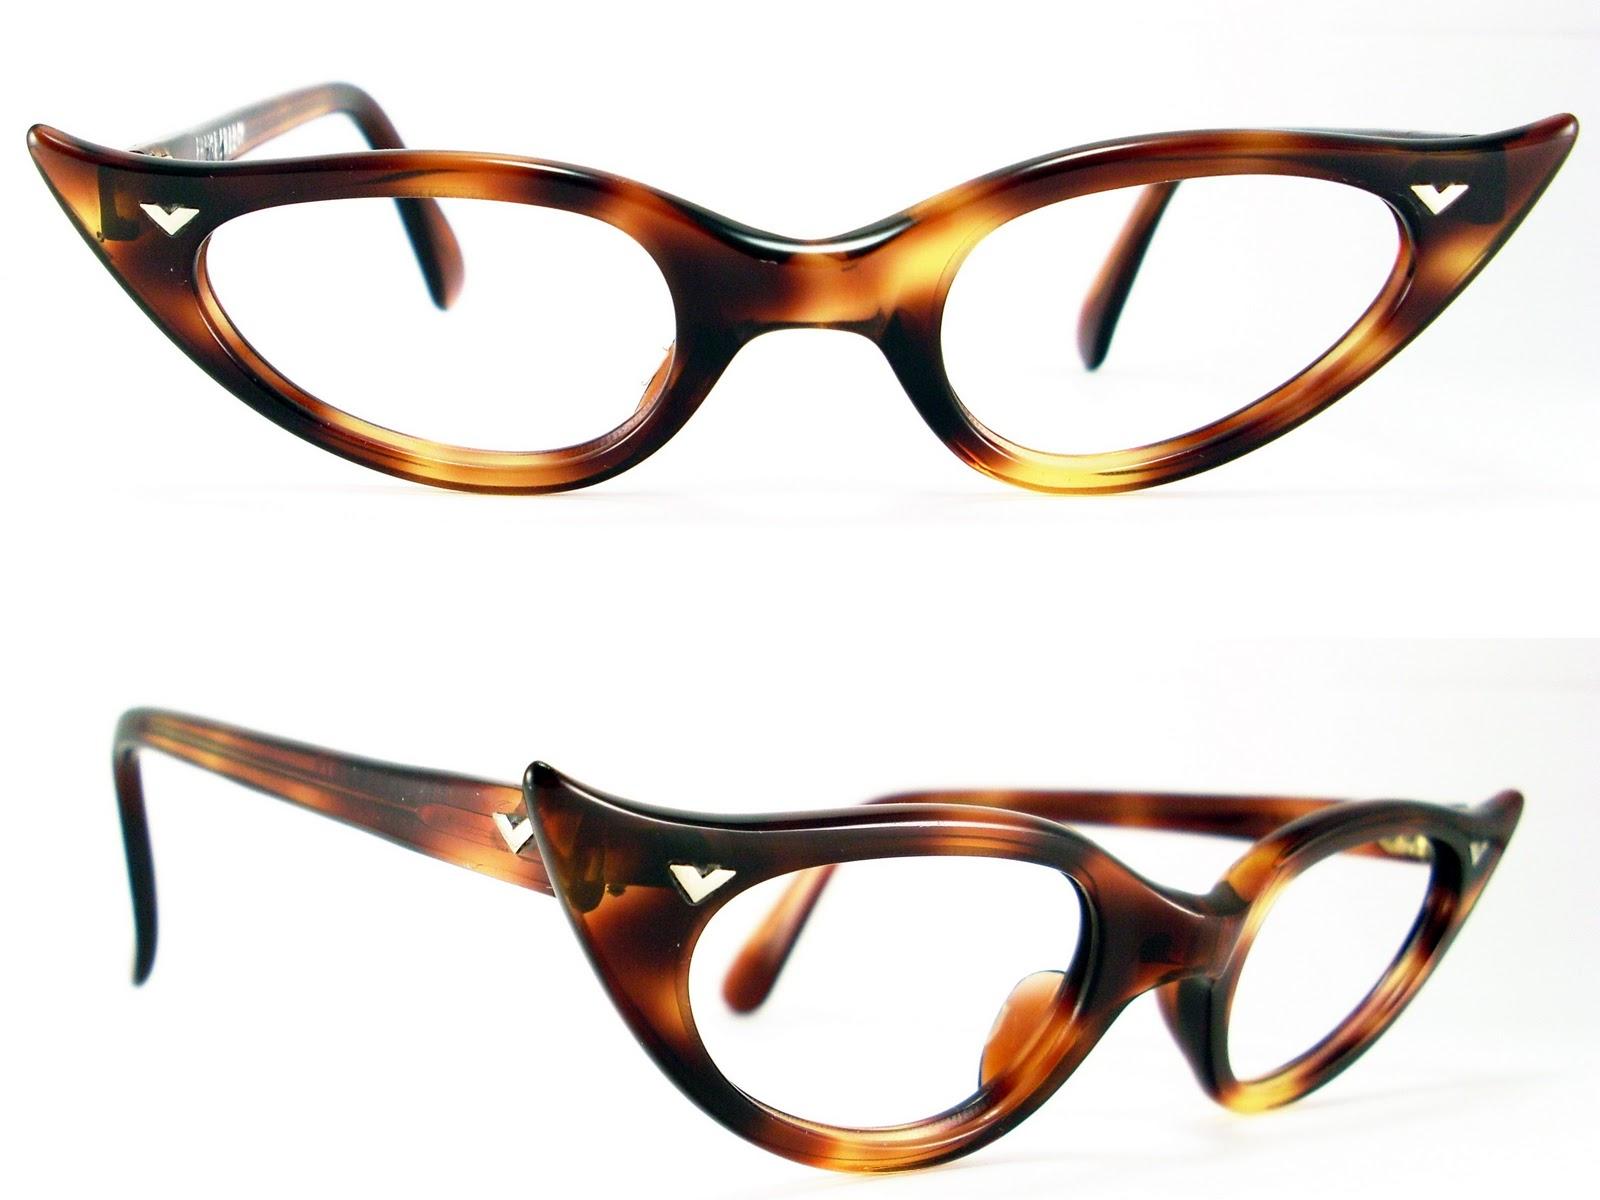 Vintage Eyeglasses Frames Eyewear Sunglasses 50S: January 2011